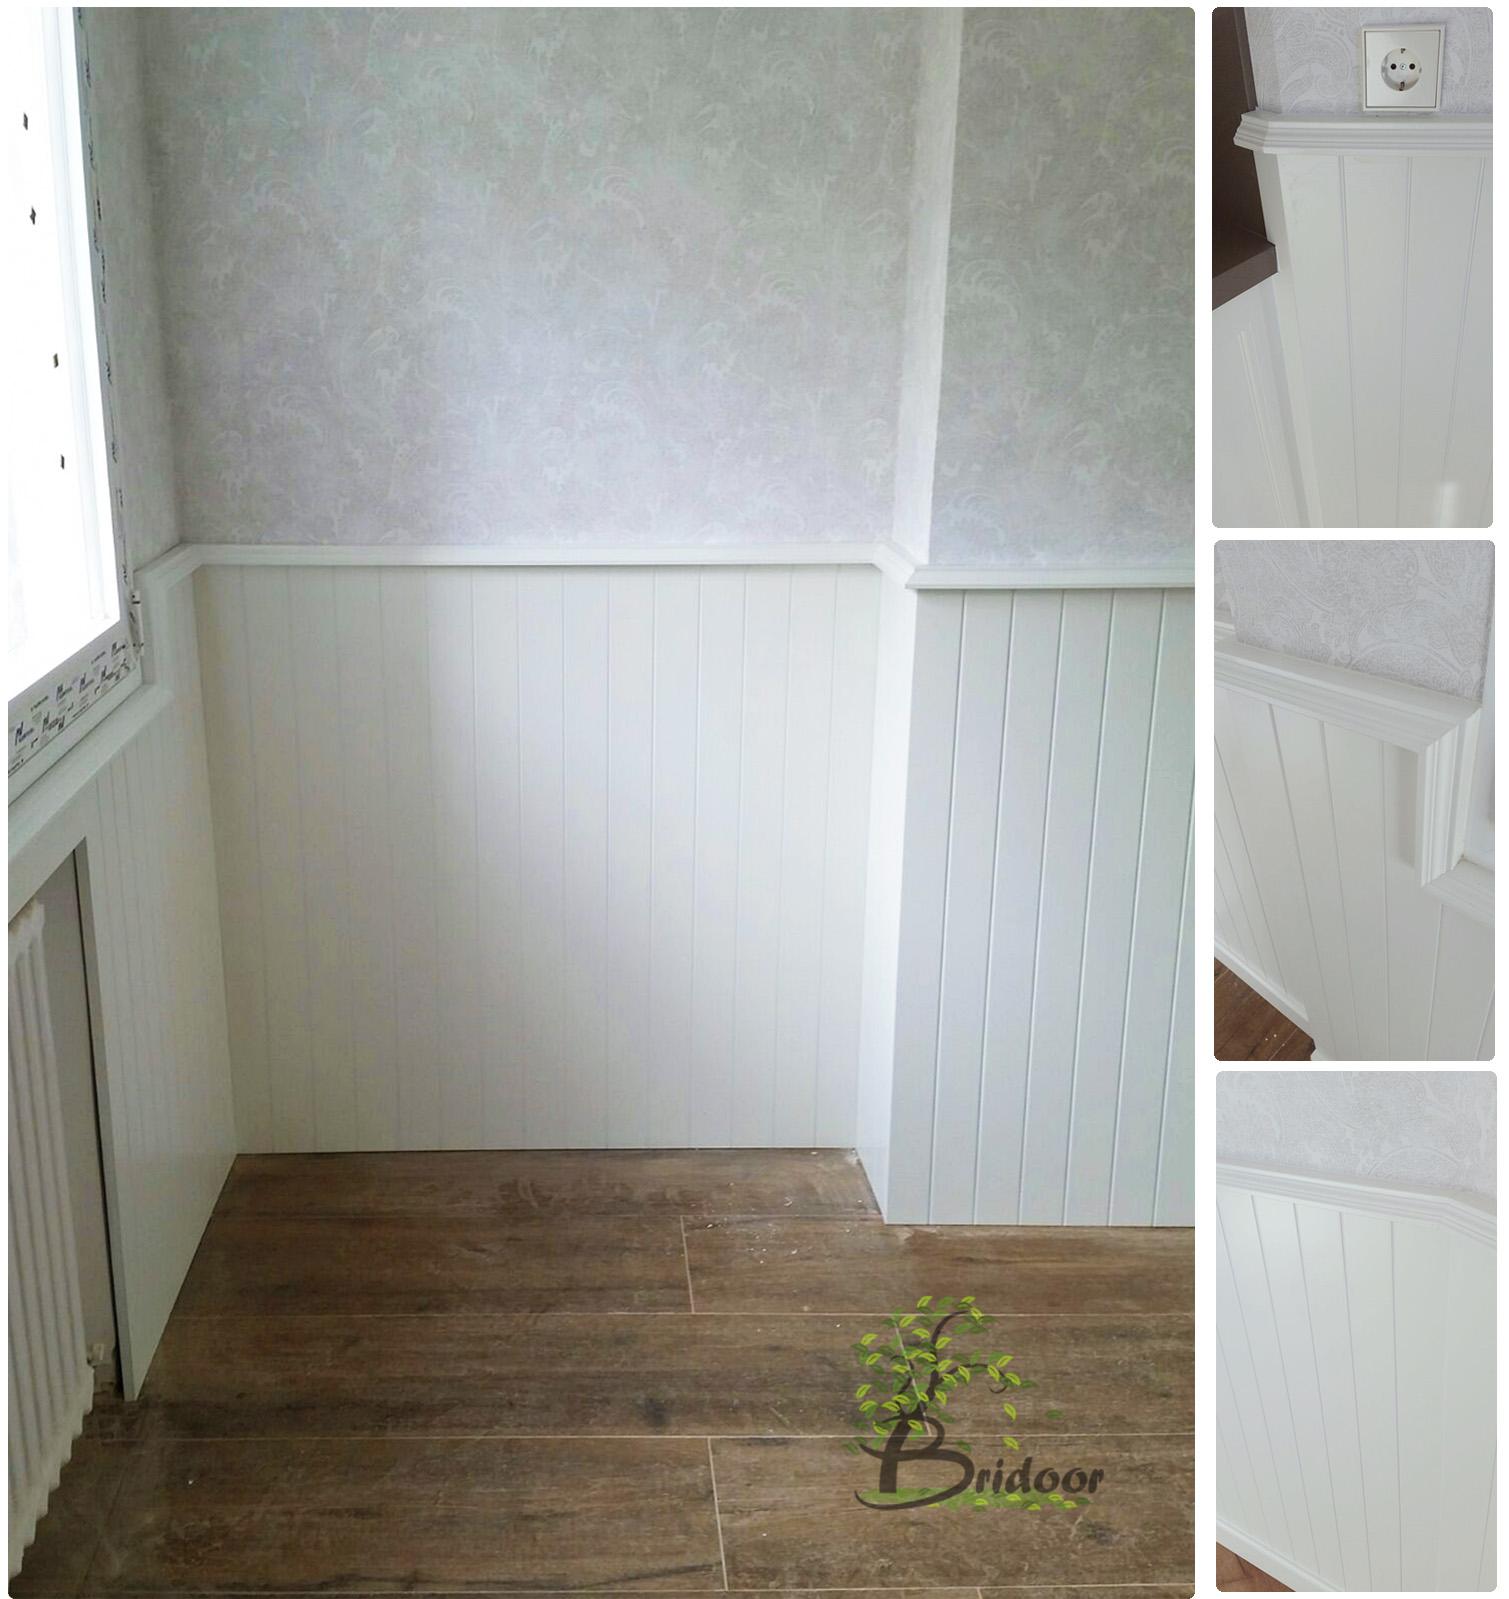 Bridoor s l vivienda con friso y puertas lacadas en chamart n for Friso madera pared